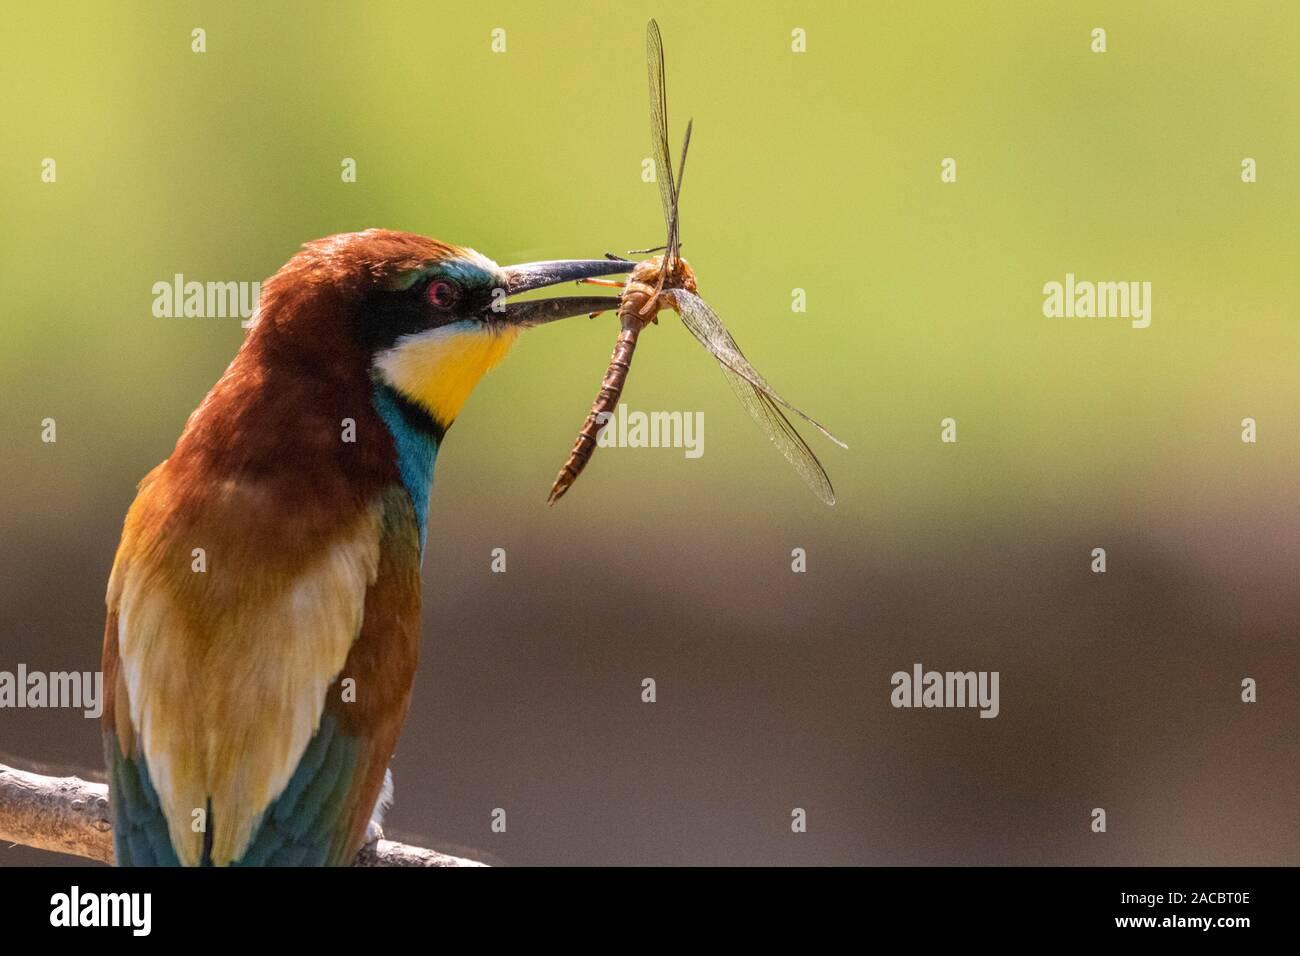 Guêpier d'Europe, Merops apiaster, assis sur un bâton avec une libellule dans son bec, à Nice Matin, lumière chaude, Csongrad Hongrie Banque D'Images